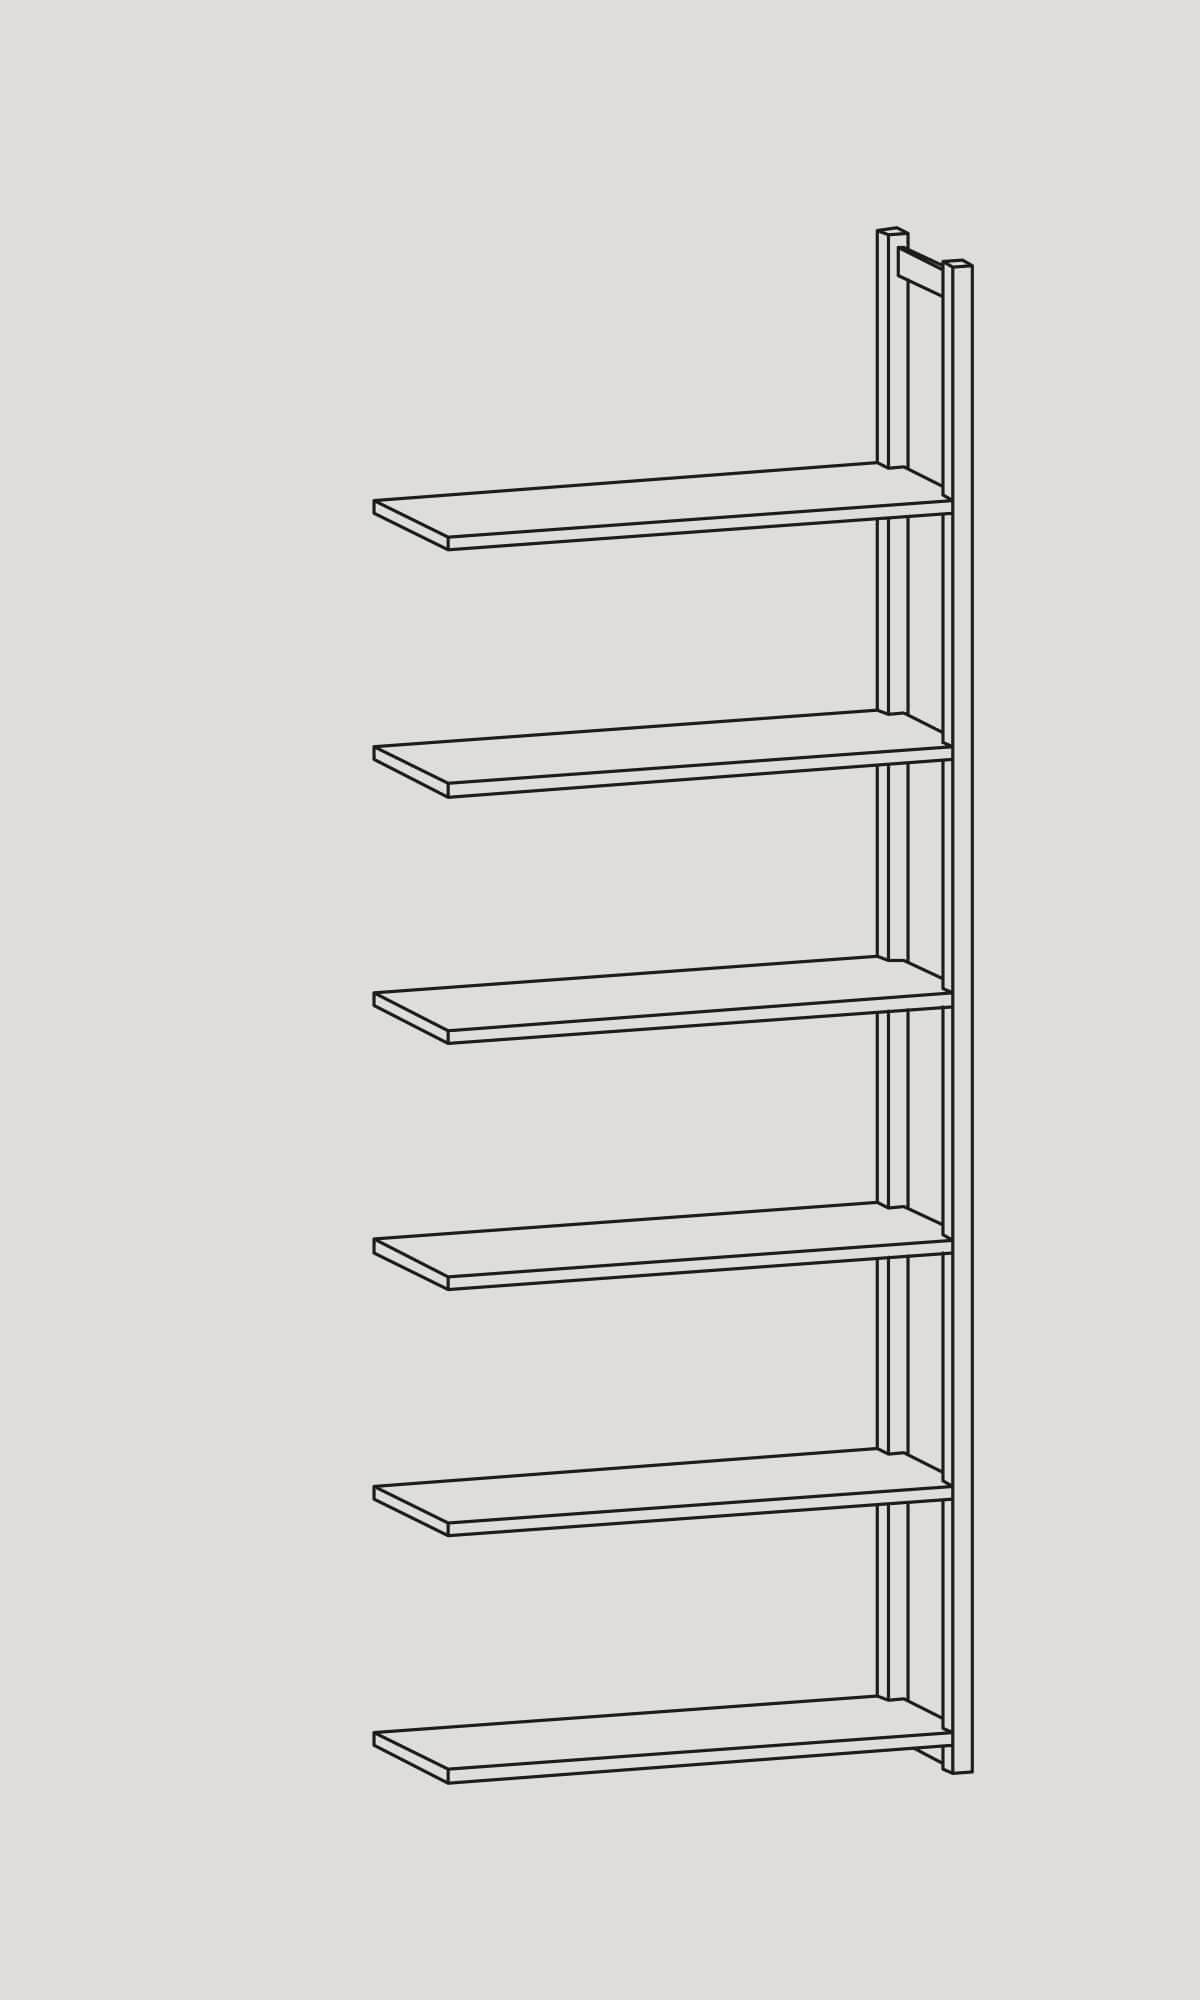 arkivhylla furu förvaring arkivering magasin archive shelf pine archiving storage